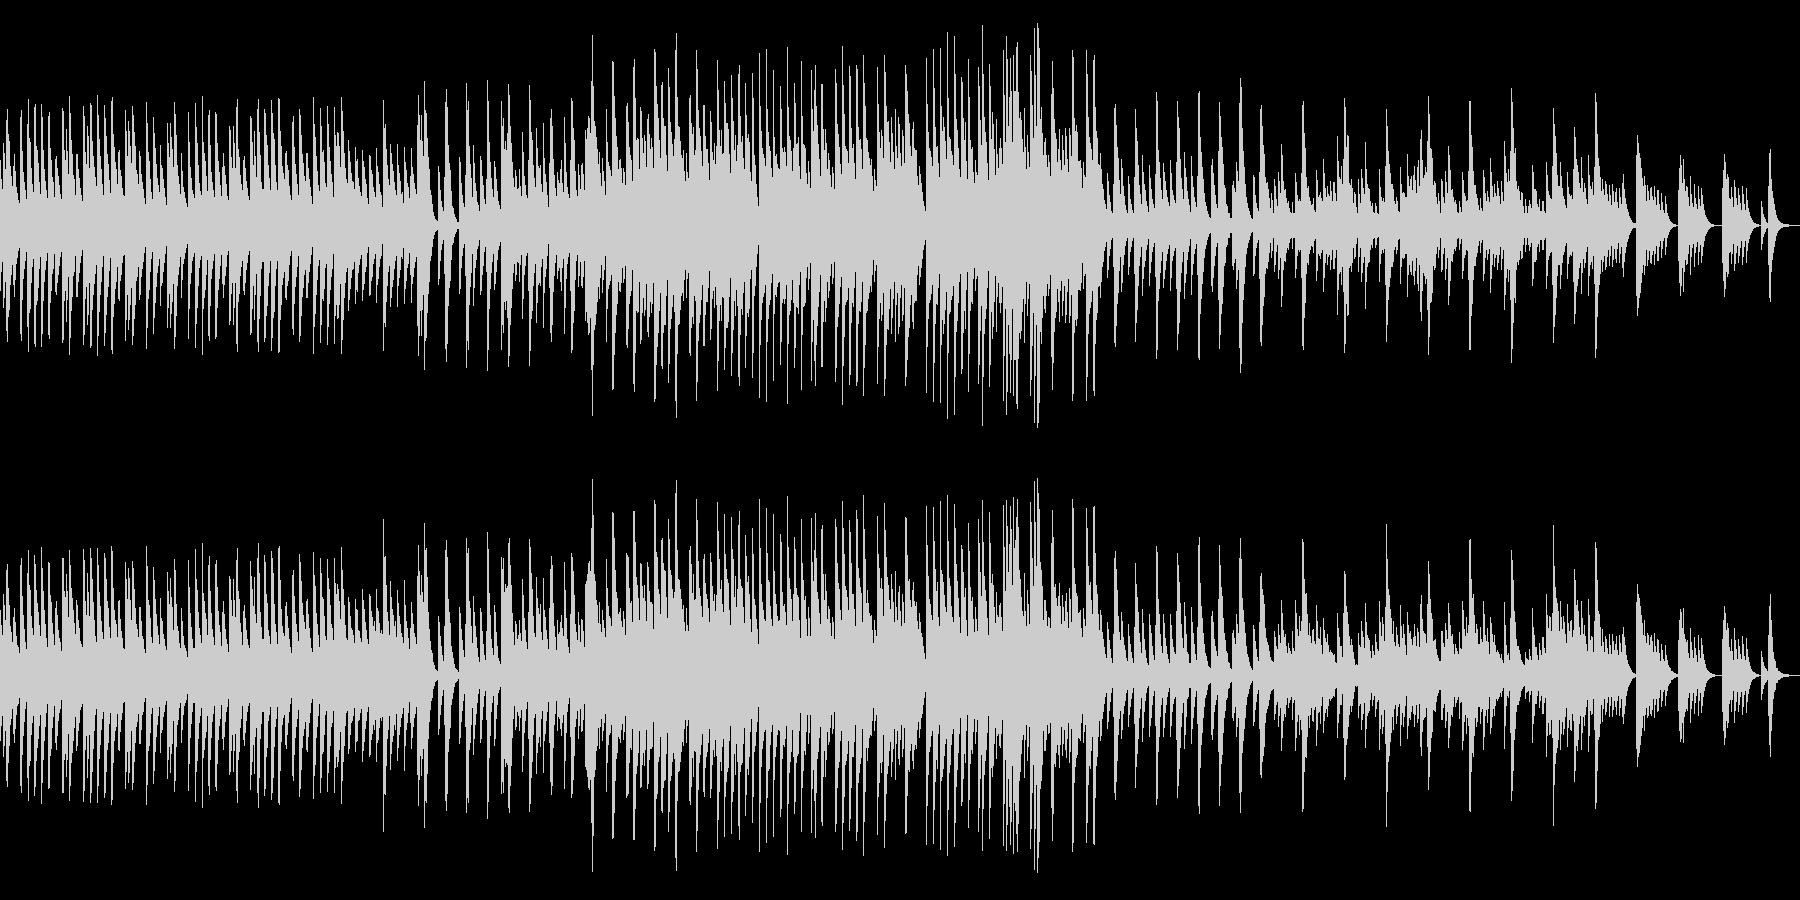 五日間の世界 音色2【優しいオルゴール】の未再生の波形